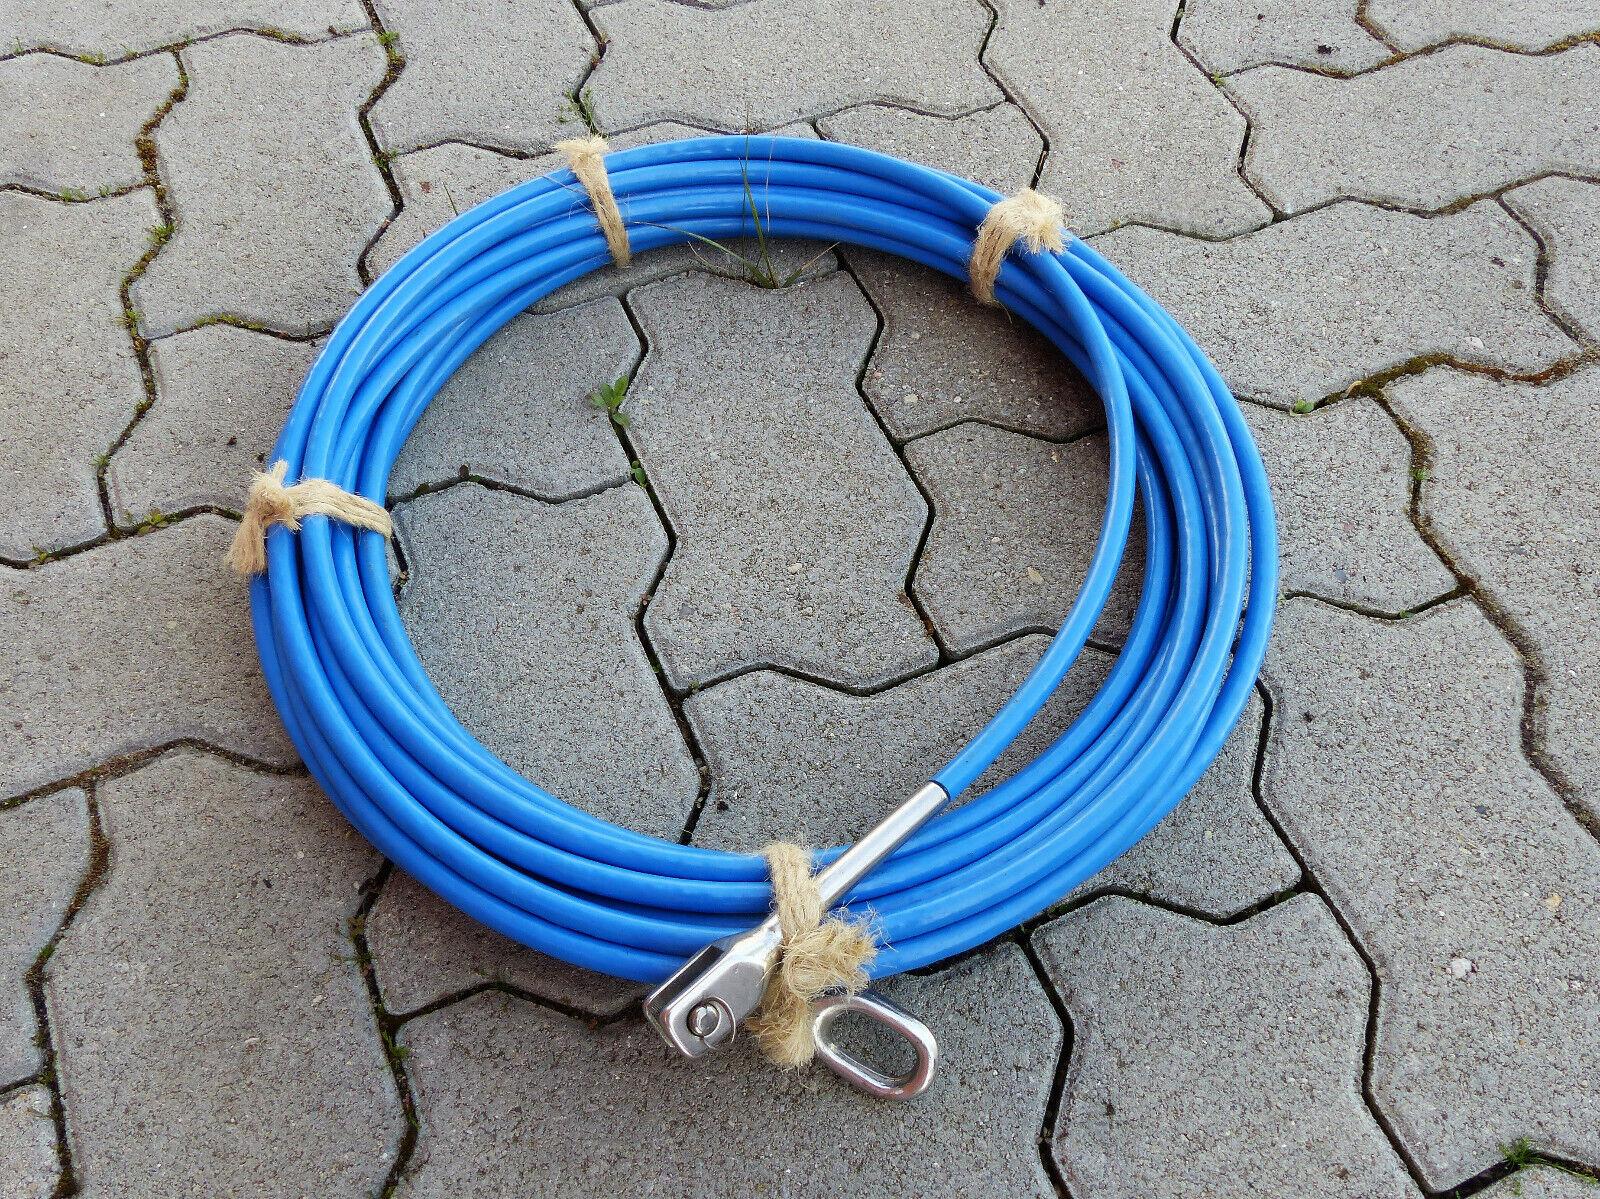 Handlauf   Edelstahl-Seil  mit Kunststoffmantel, ca 15m lang, Durchmesser 8 mm